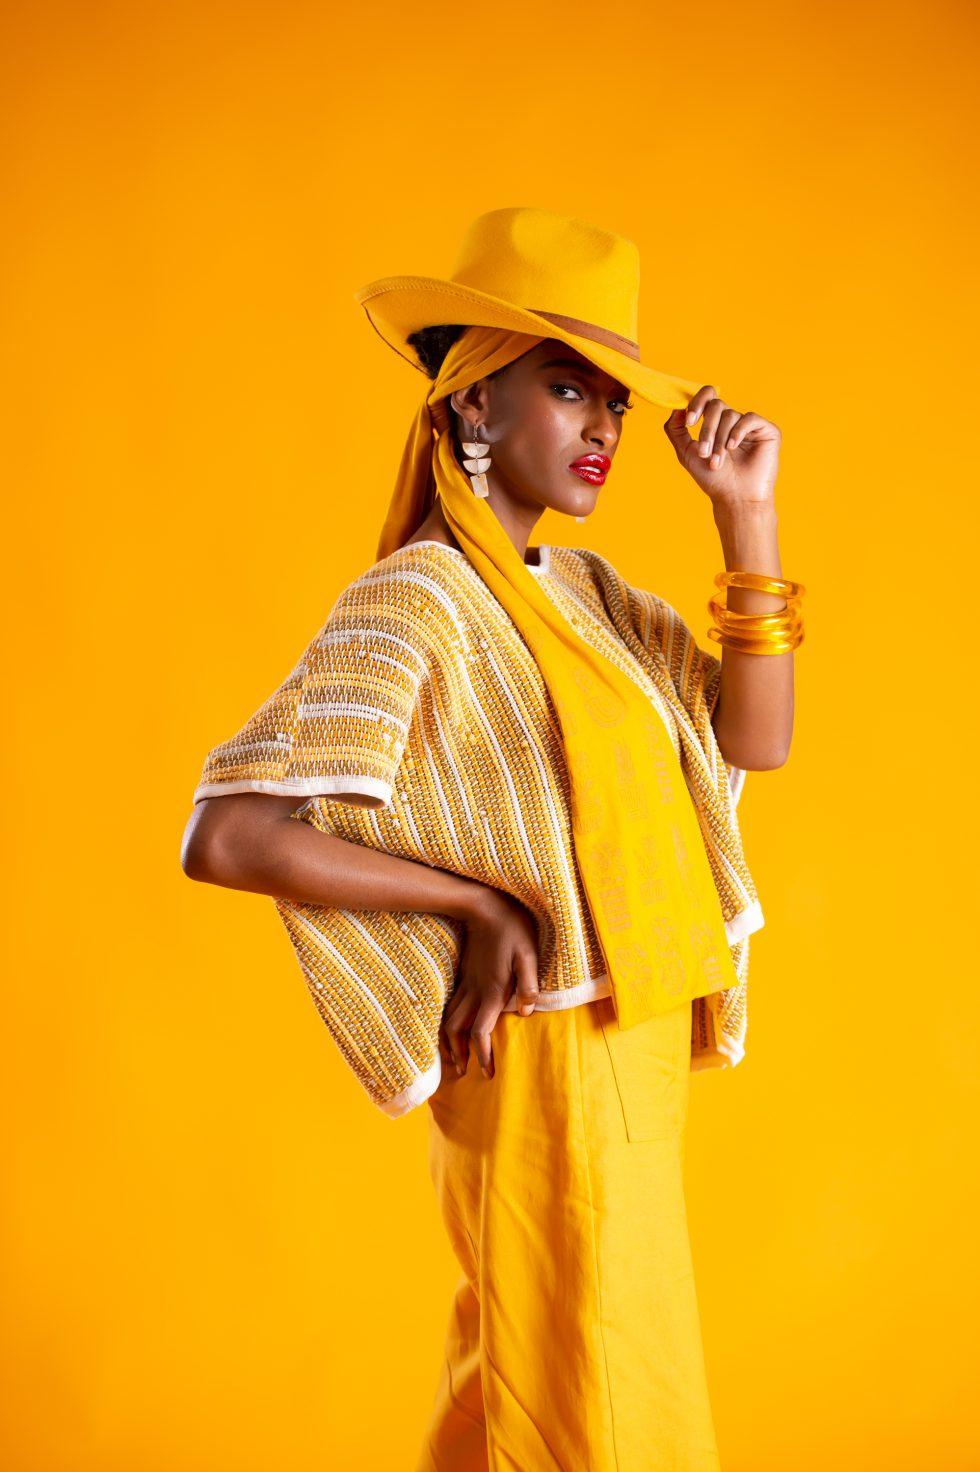 Chloe-Jackman-Photography-Sustainble-Clothing-shoot-2021-1669